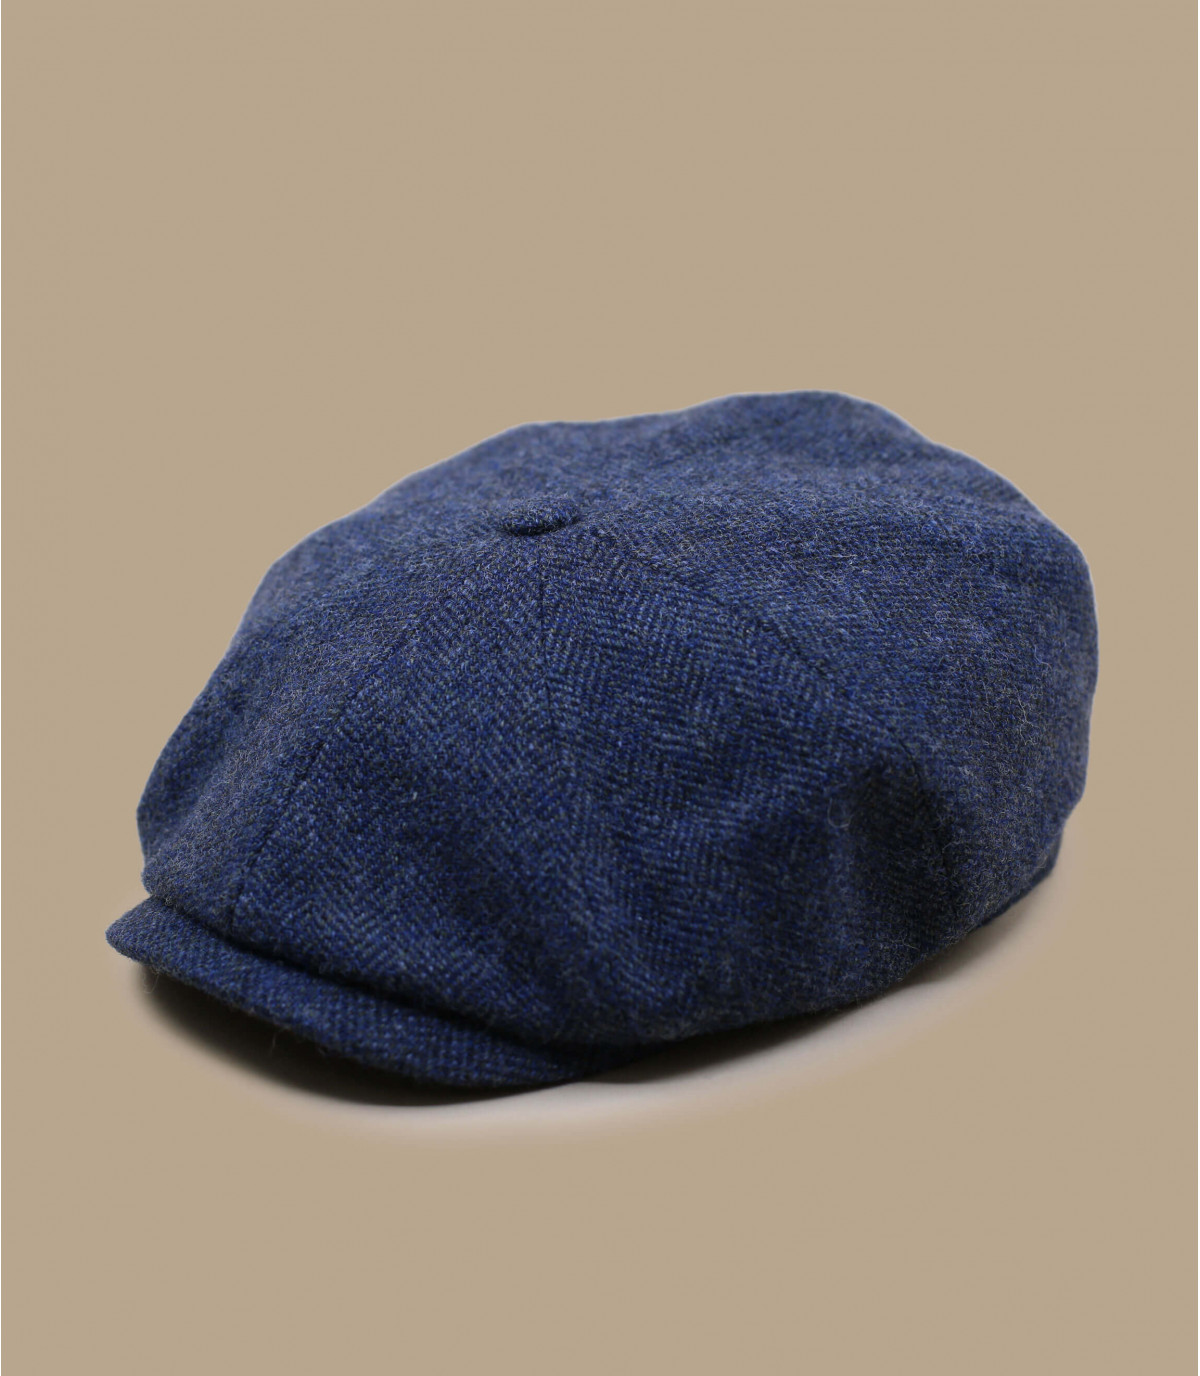 Ballonmütze blau Wolle